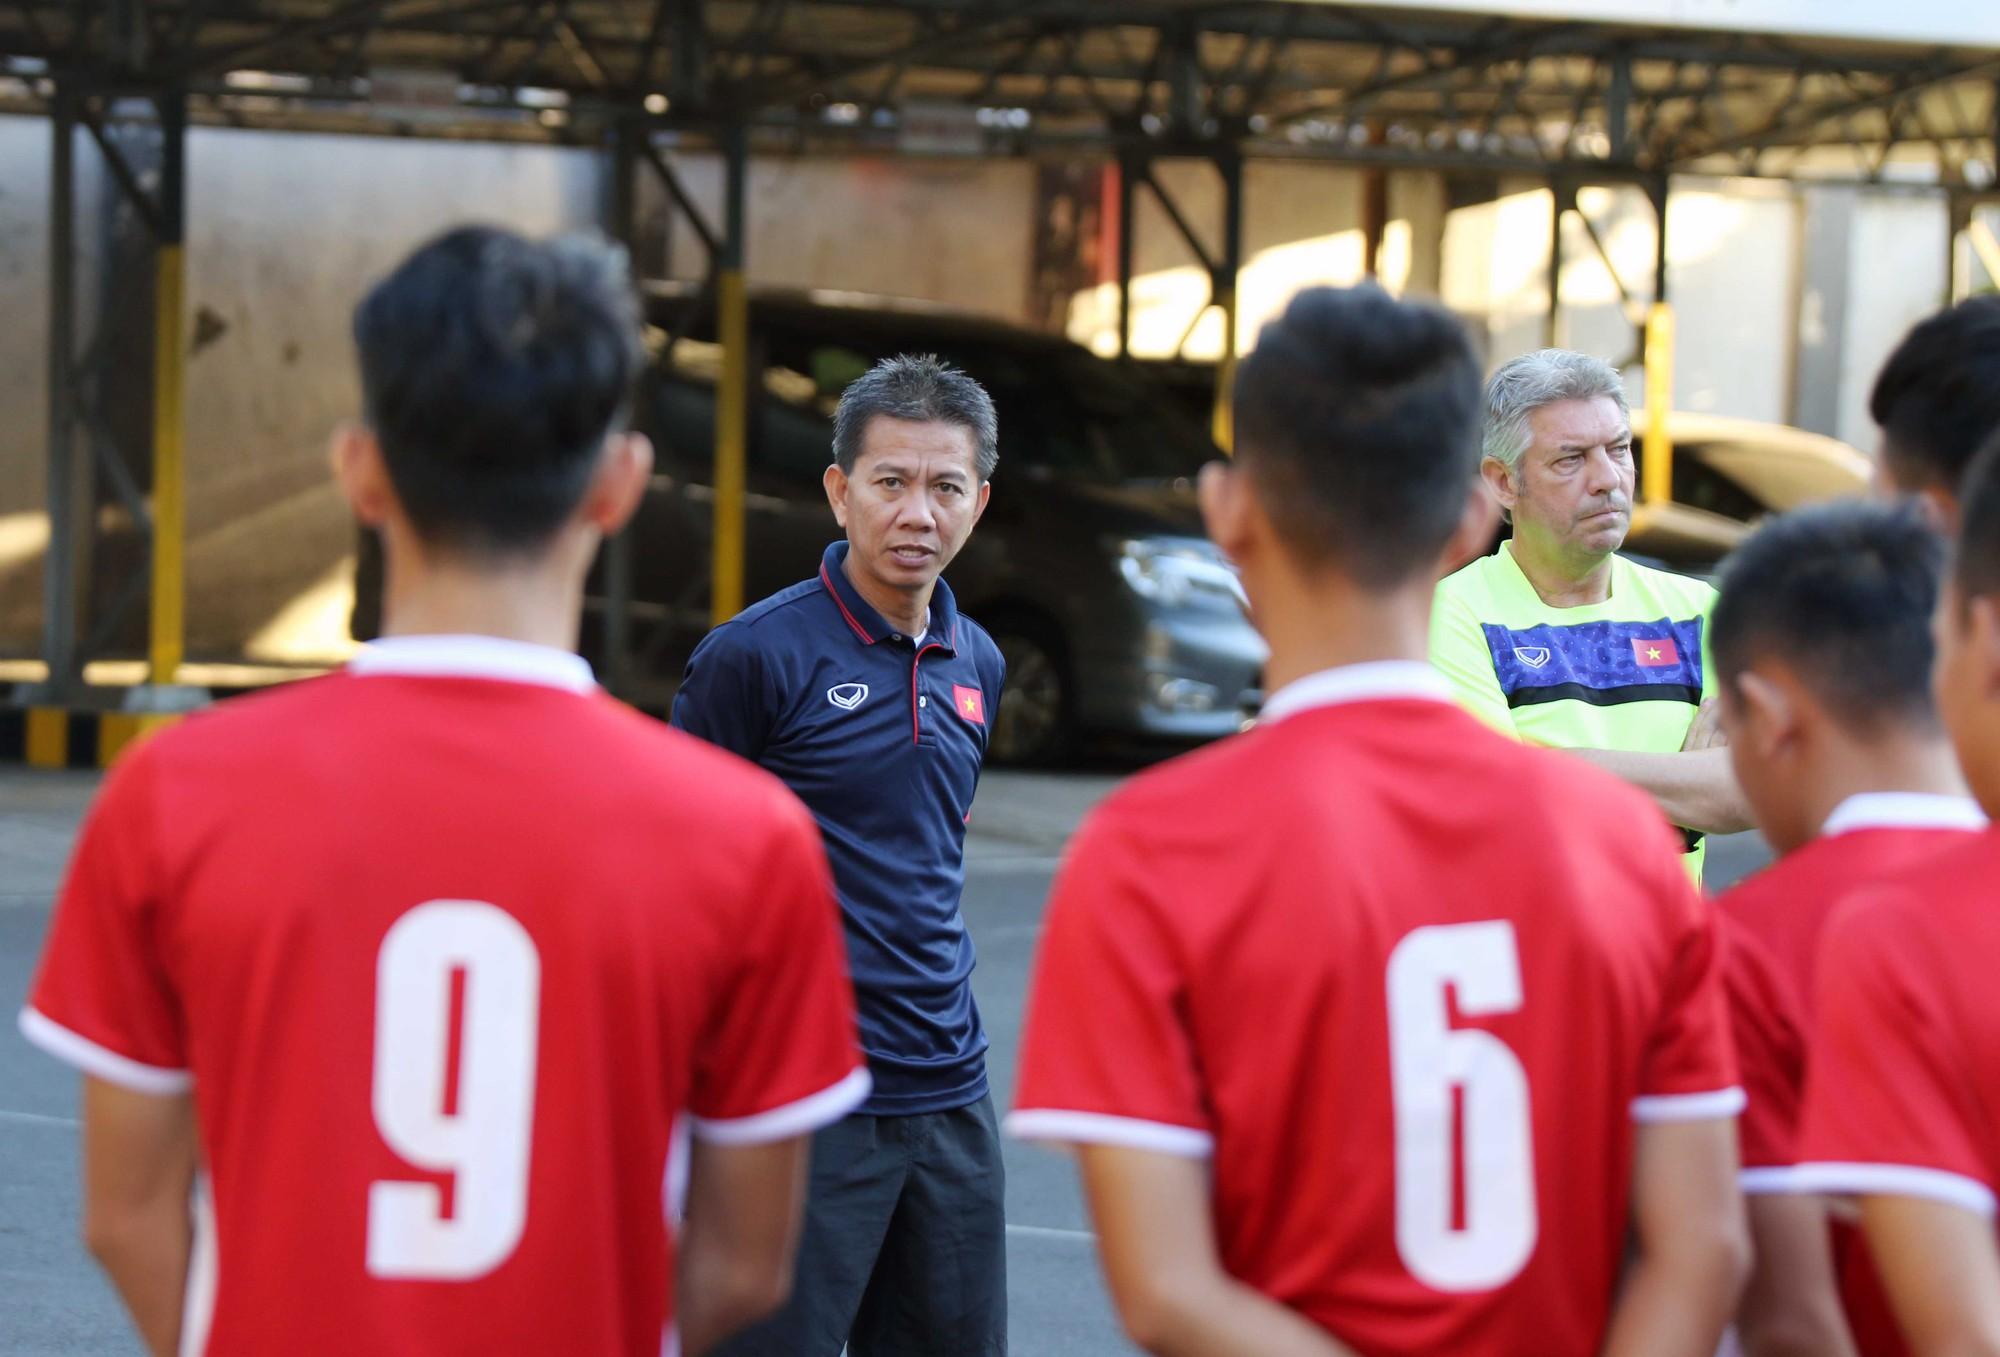 Đội chủ nhà làm khó U19 Việt Nam trước trận đấu quyết định - Ảnh 2.